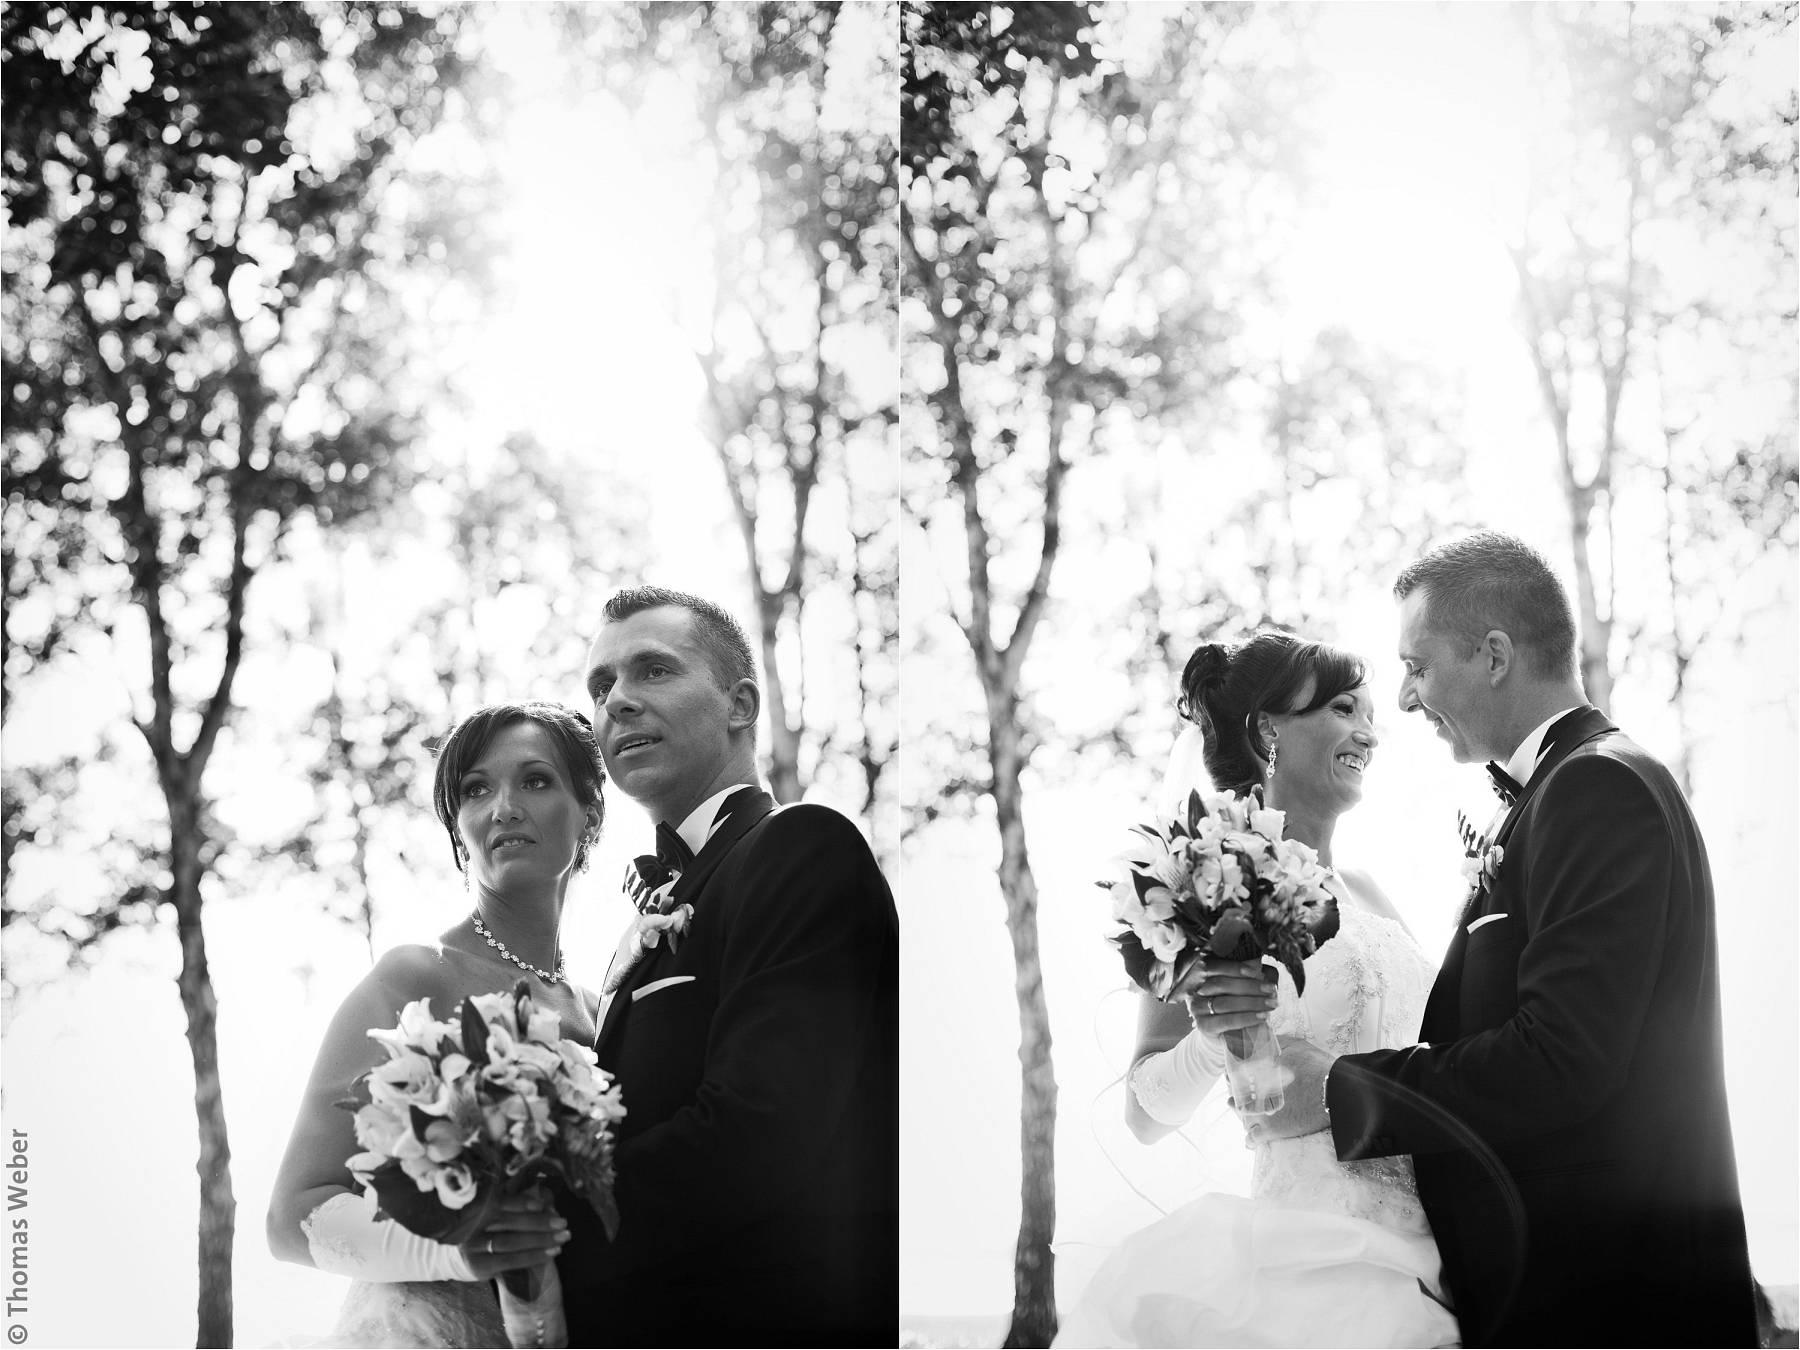 Hochzeitsfotograf Rangsdorf (Berlin): Hochzeit auf der Insel Falkenstein in Rangsdorf nahe Berlin (25)